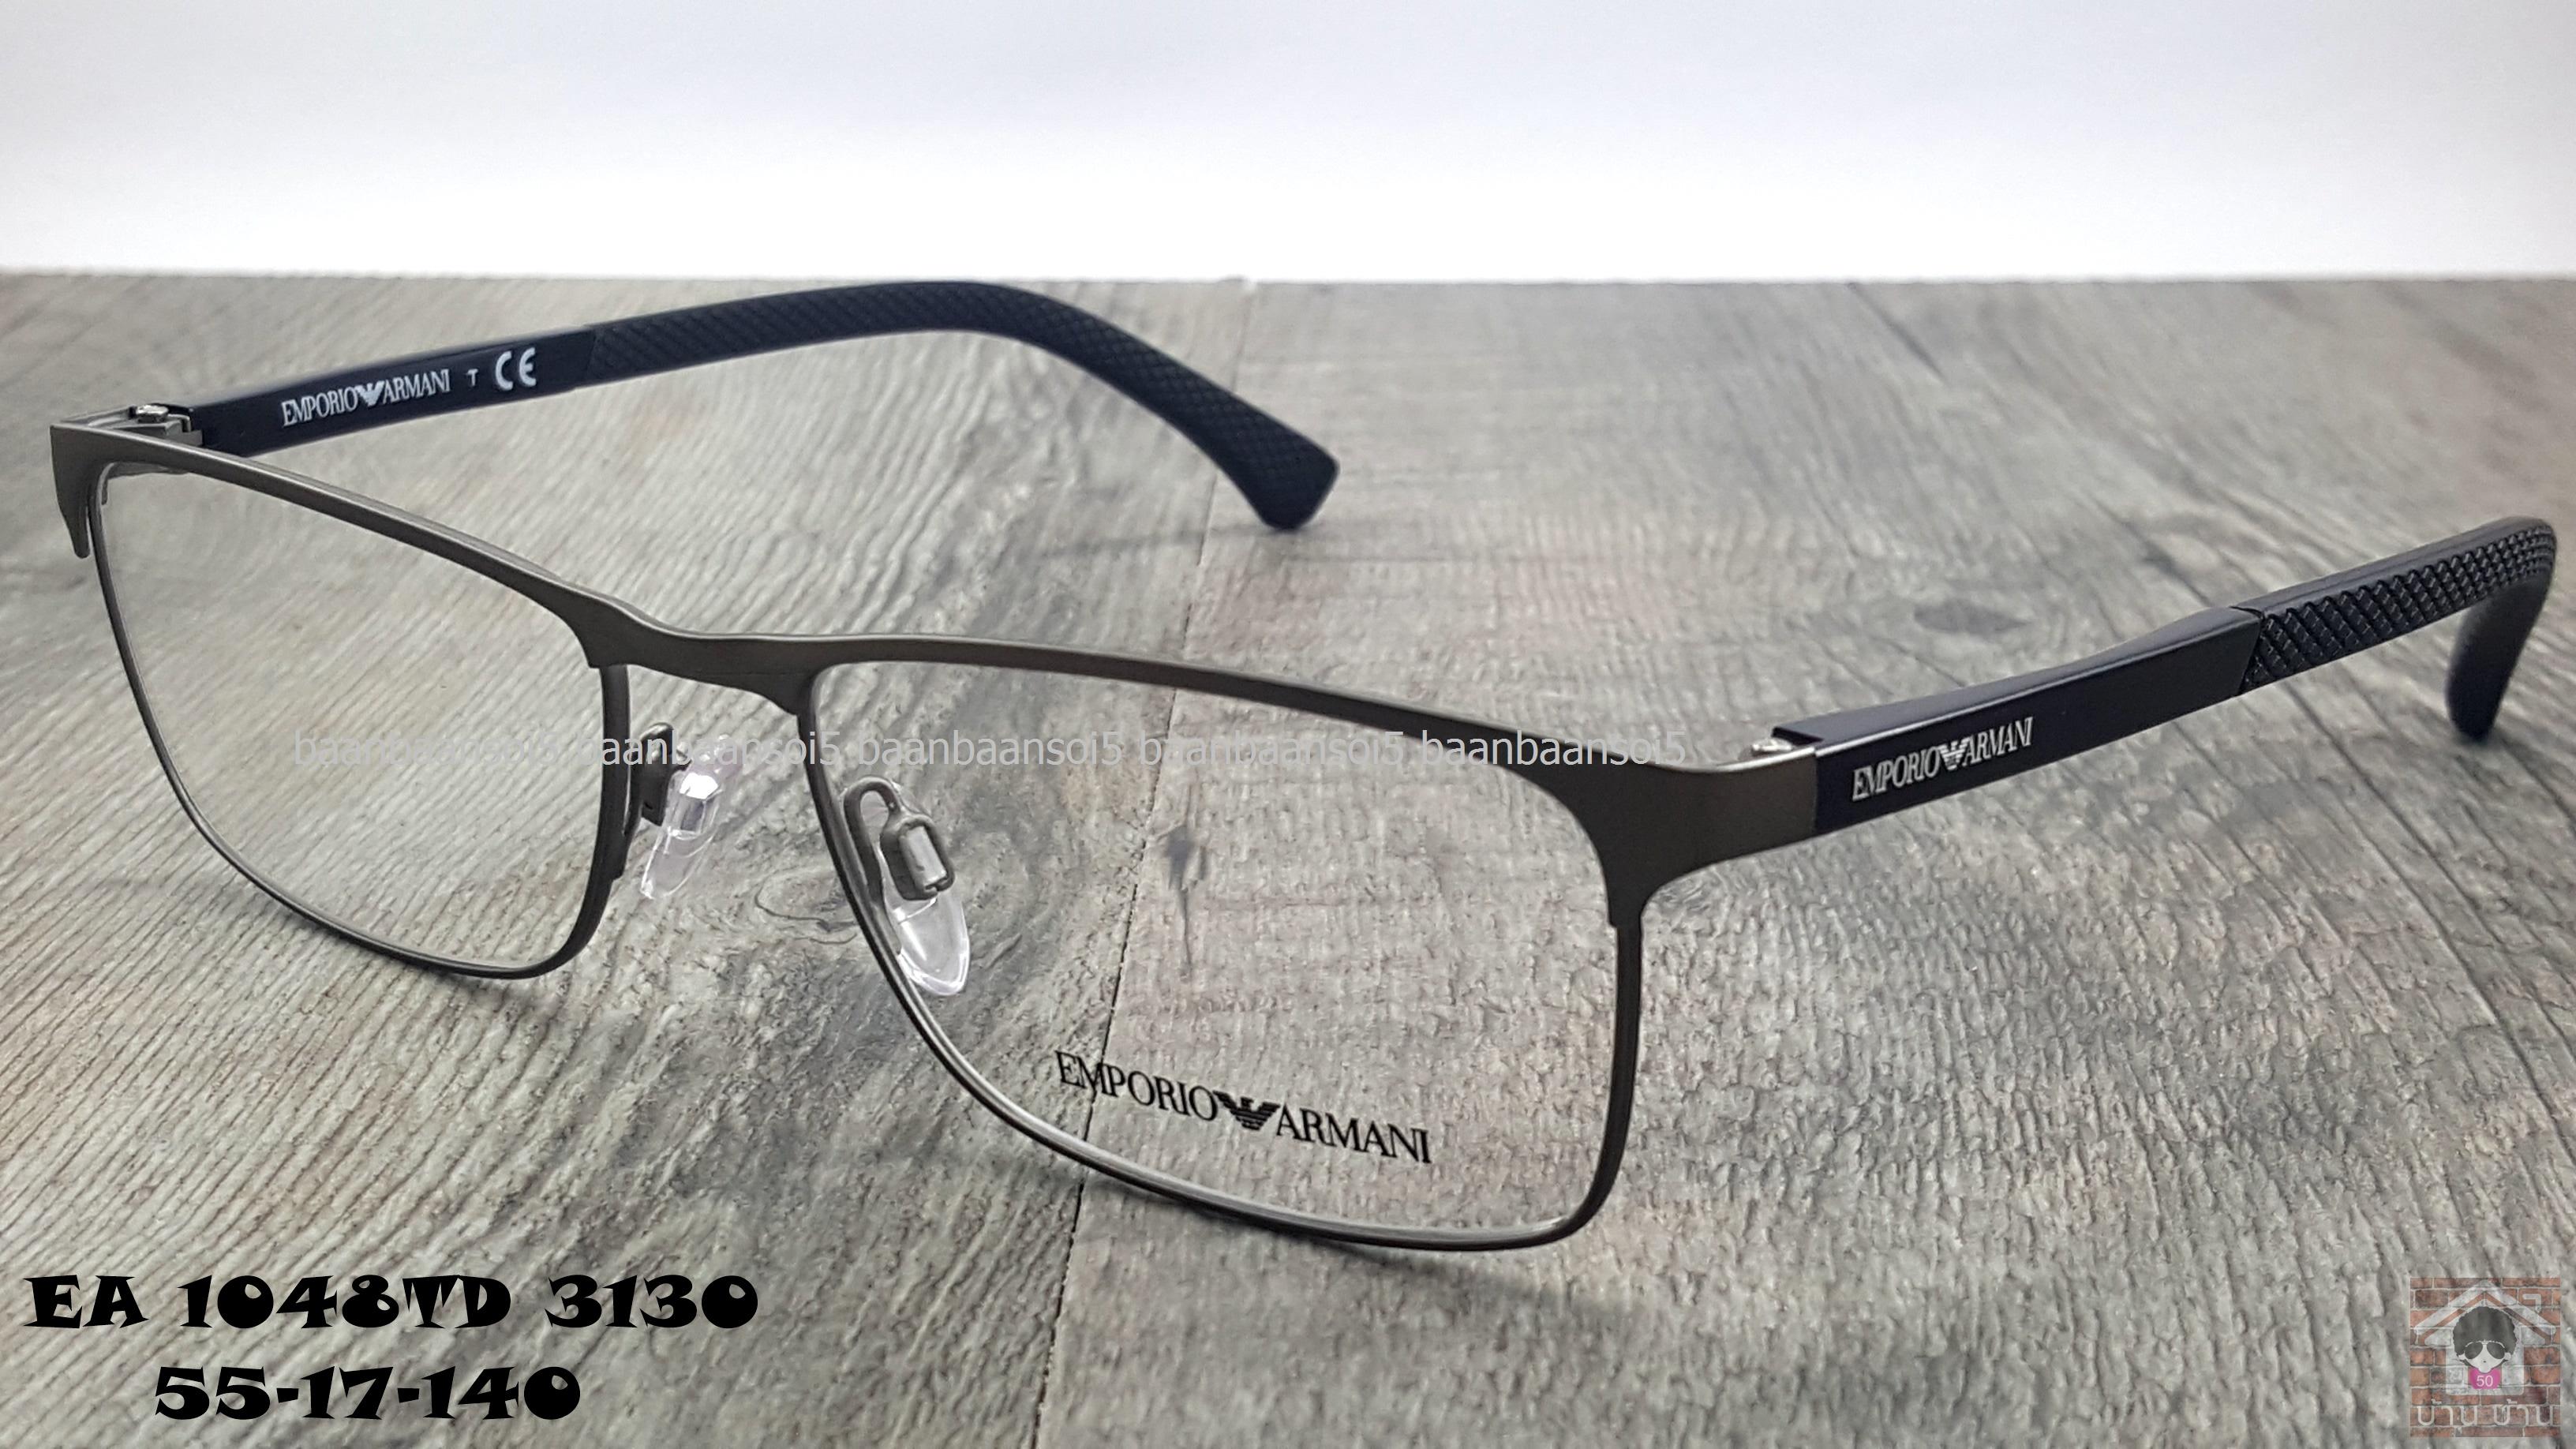 Empoiro Armani EA 1048D 3130 โปรโมชั่น กรอบแว่นตาพร้อมเลนส์ HOYA ราคา 5,300 บาท